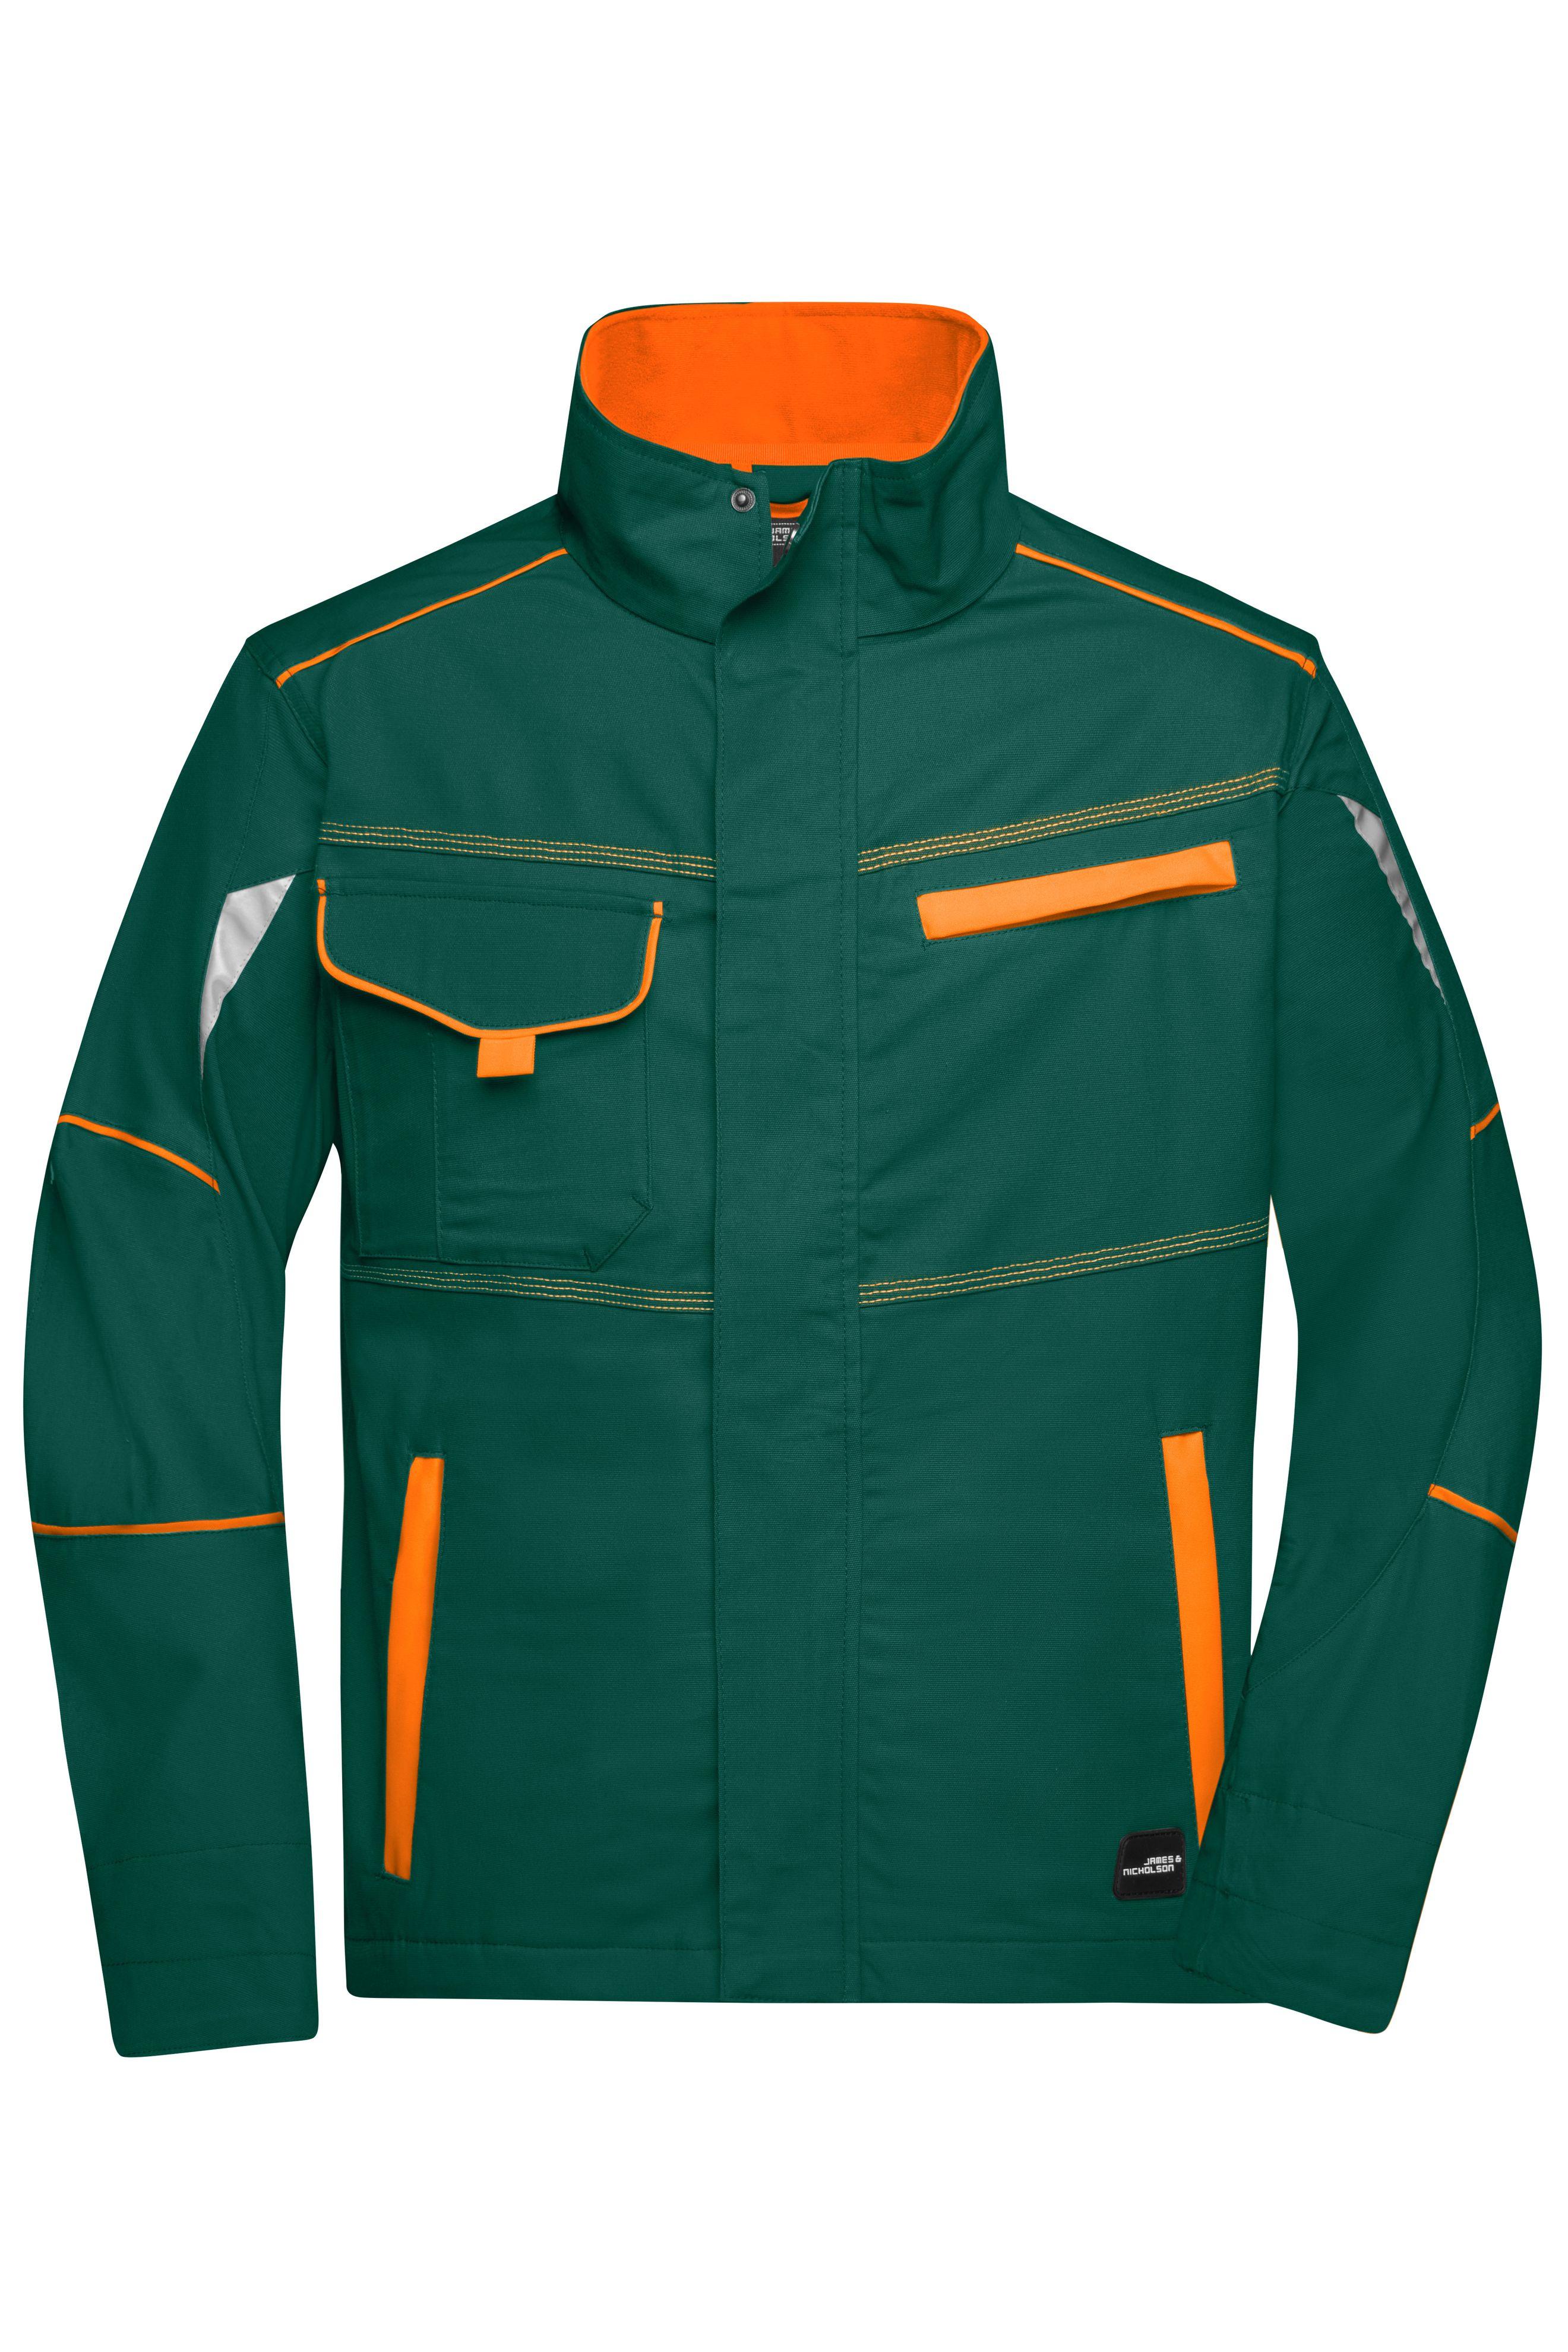 Funktionelle Jacke im sportlichen Look mit hochwertigen Details